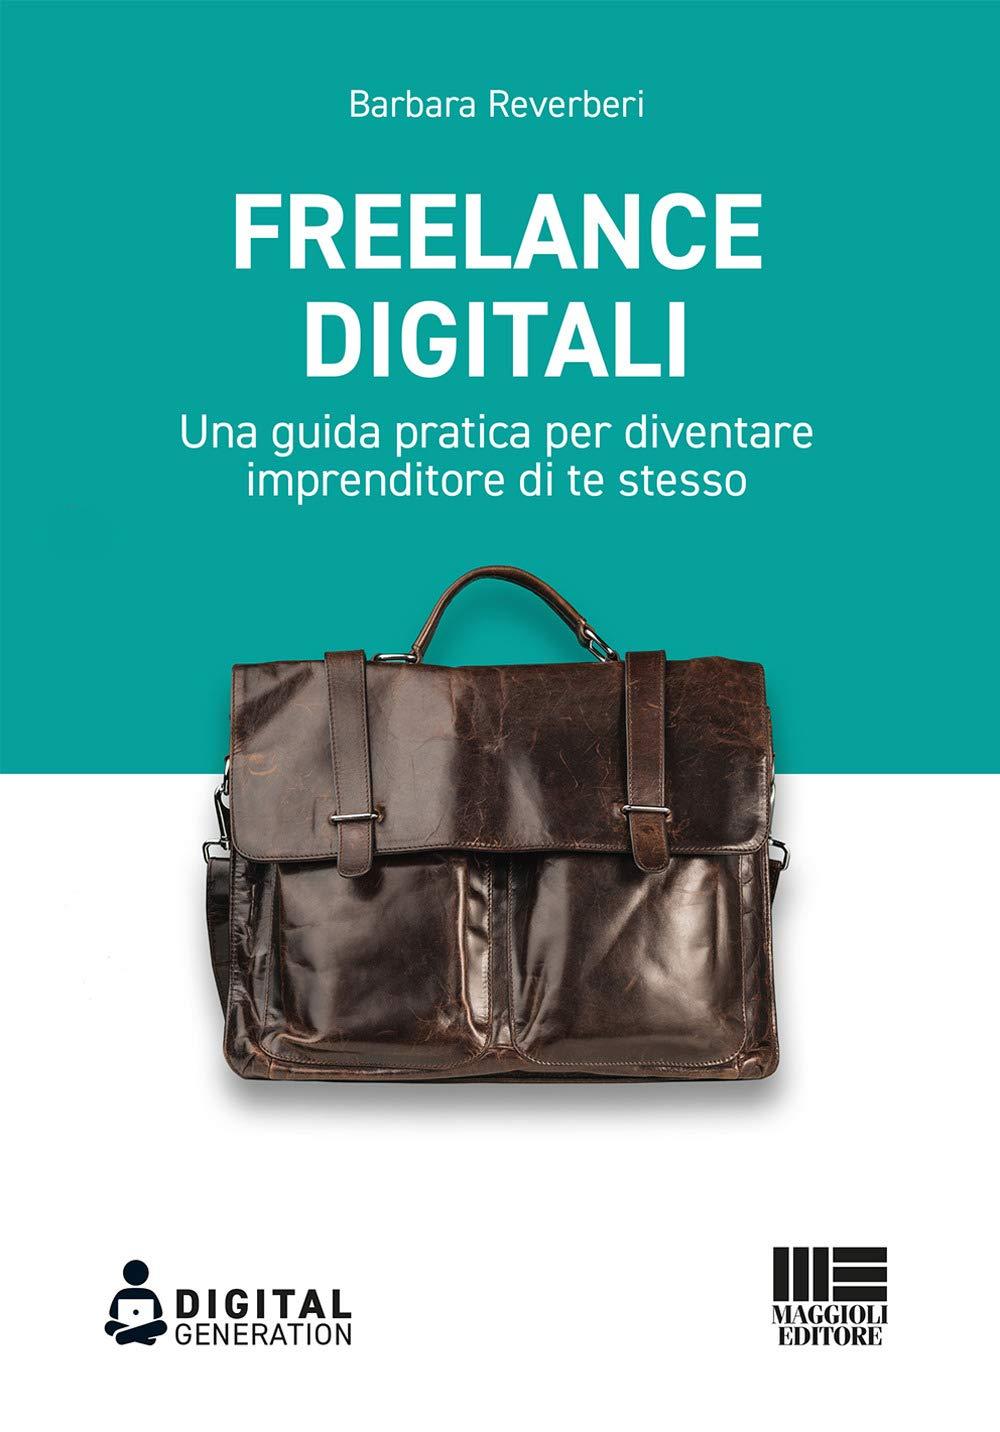 Libri per freelance - Freelance digitali